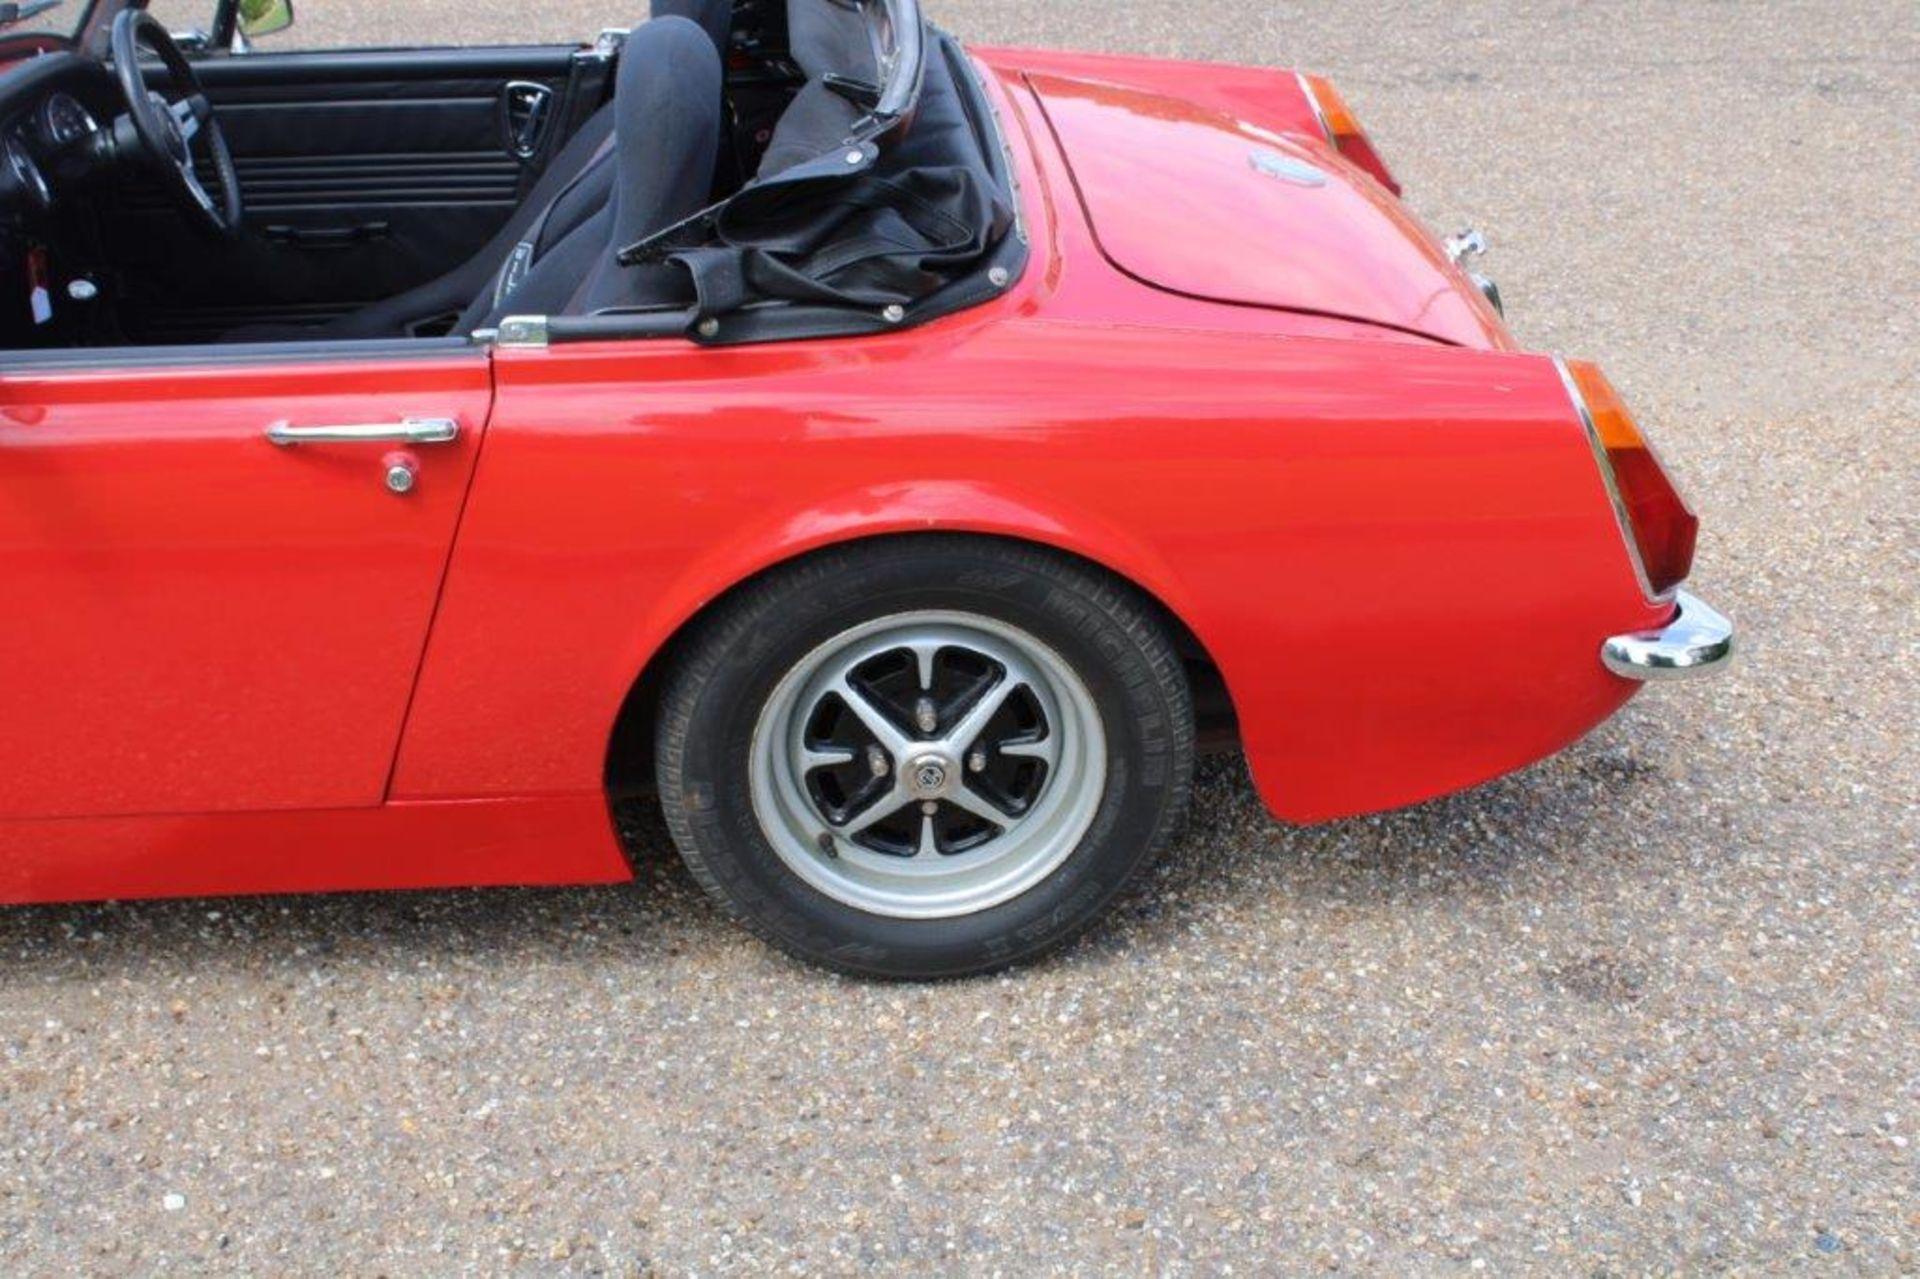 1973 MG Midget MK III - Image 5 of 25